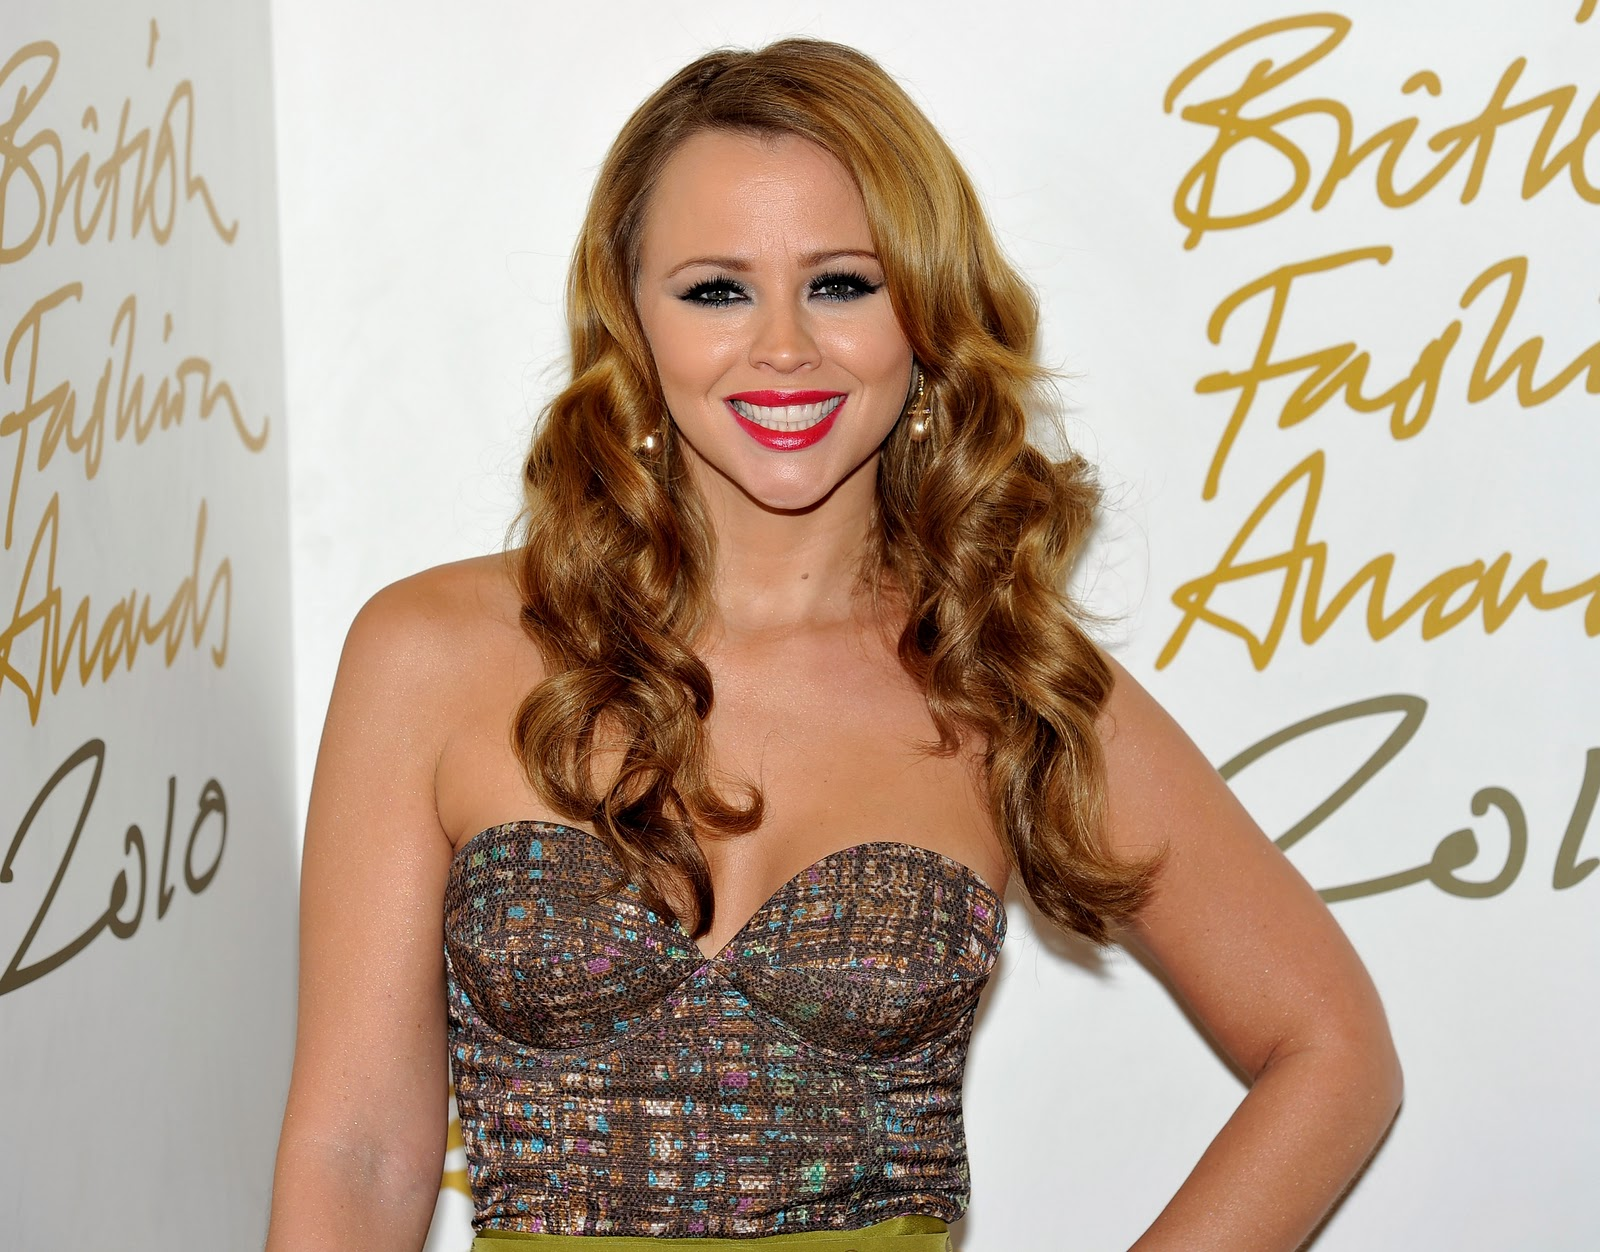 Kimberley walsh girls aloud at british fashion awards london 7th